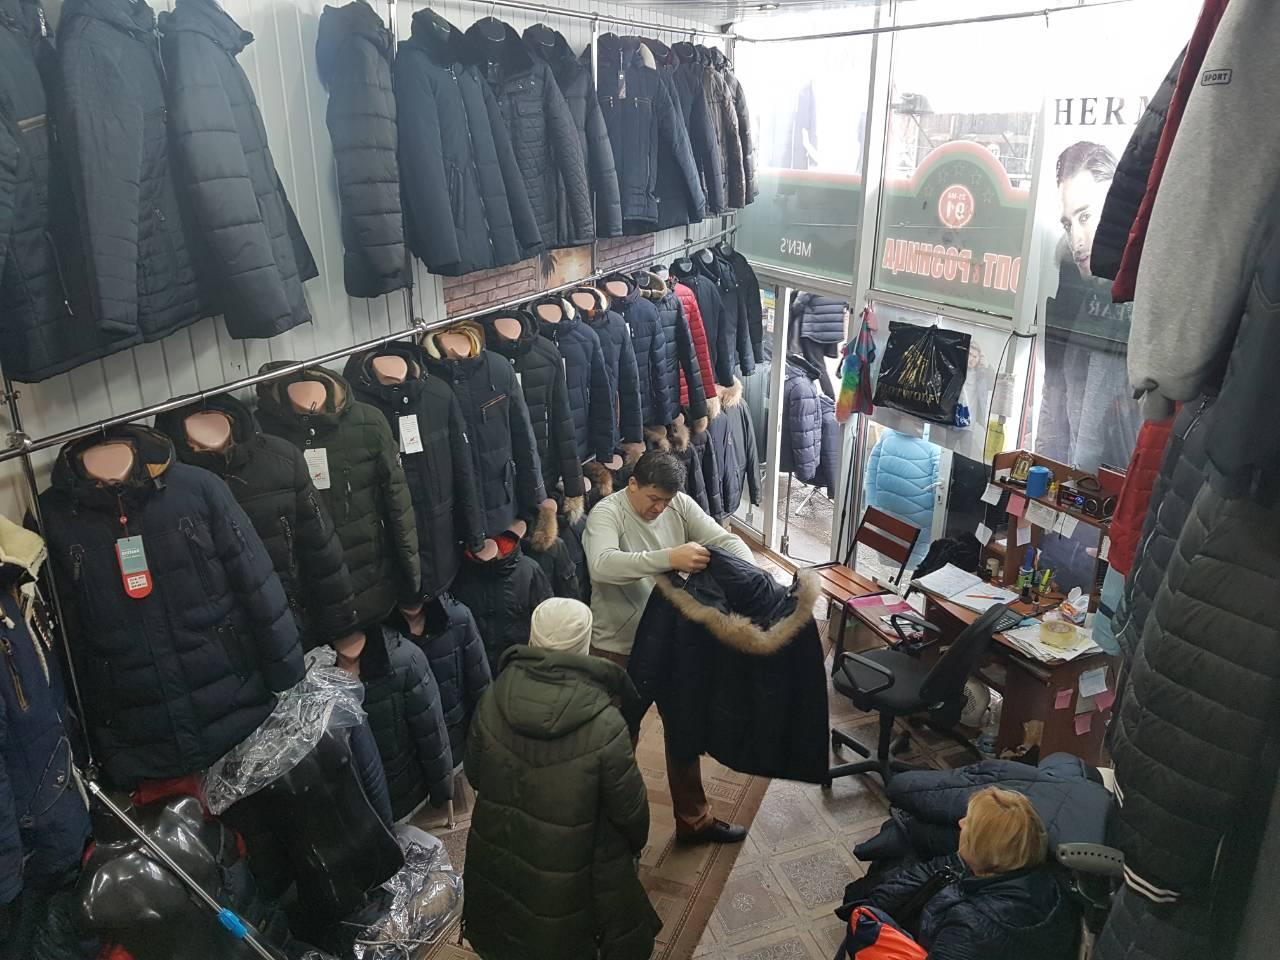 магазин верхней одежды на барабашова